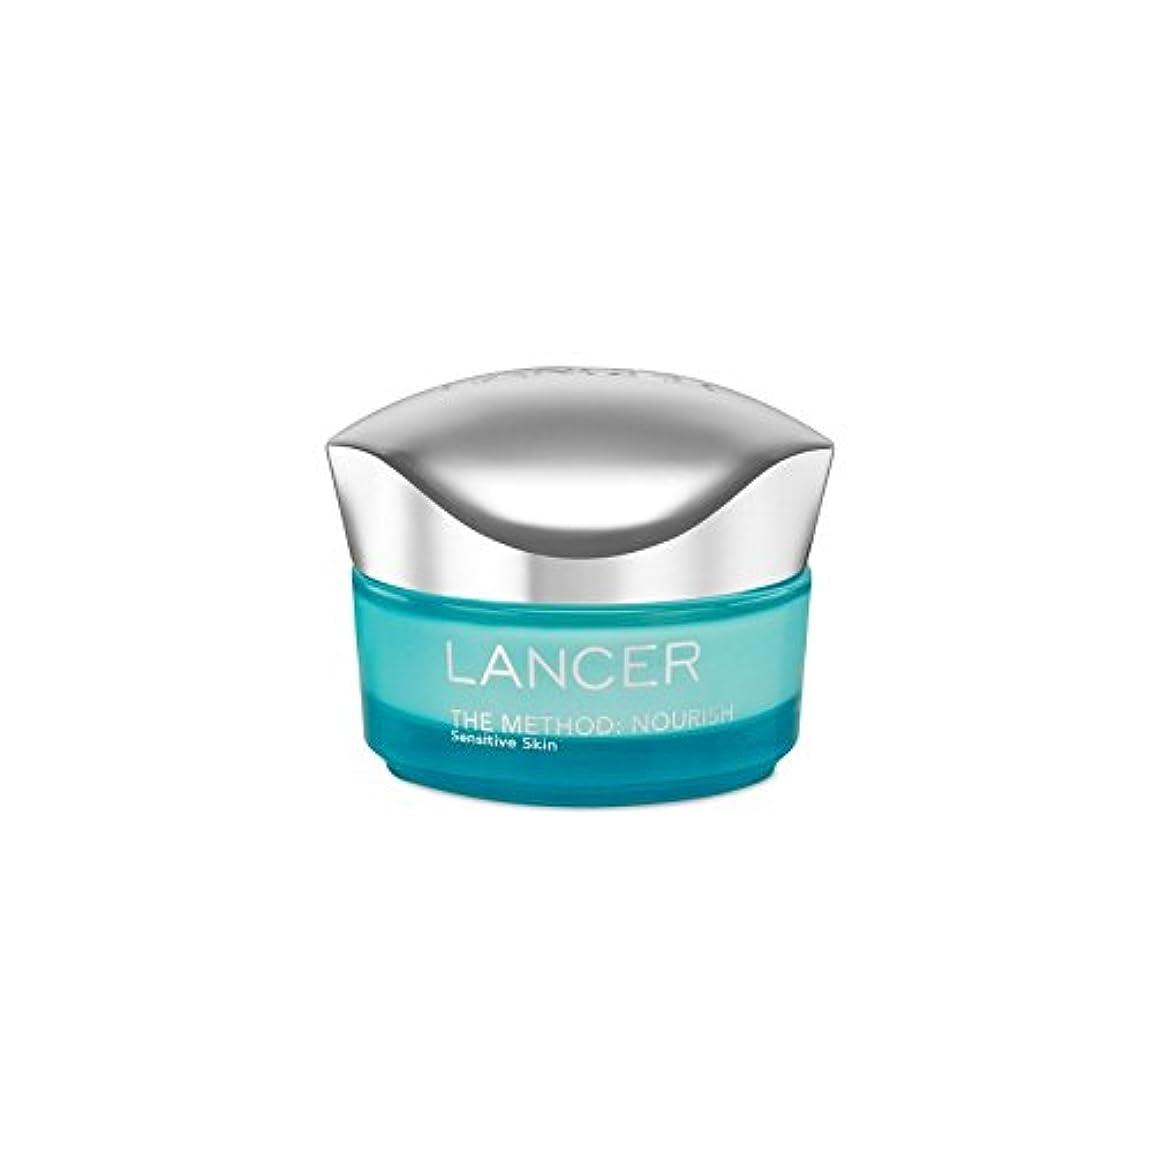 ハント原油ゴミ箱を空にするLancer Skincare The Method: Nourish Moisturiser Sensitive Skin (50ml) (Pack of 6) - ランサーは、この方法をスキンケア:保湿敏感肌(50)に栄養を与えます x6 [並行輸入品]